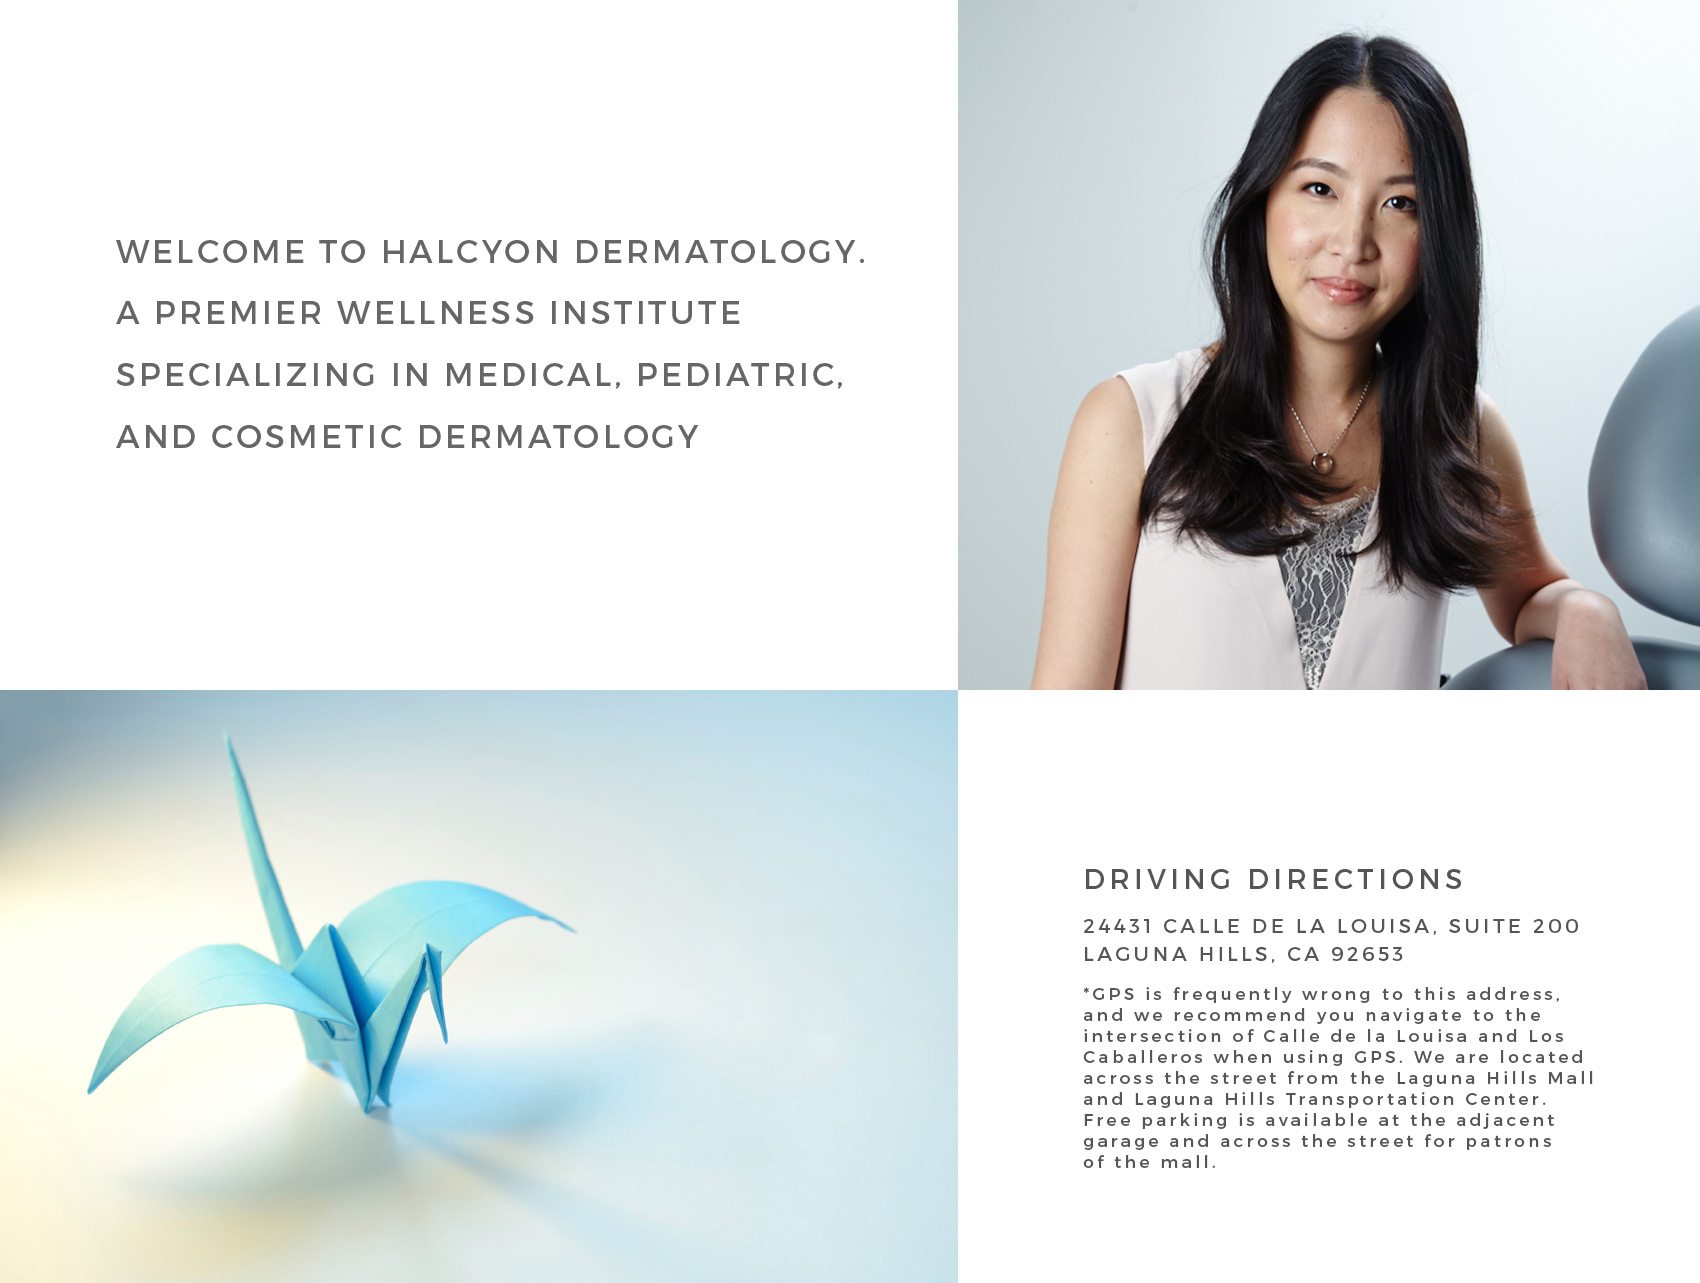 Halcyon Dermatology